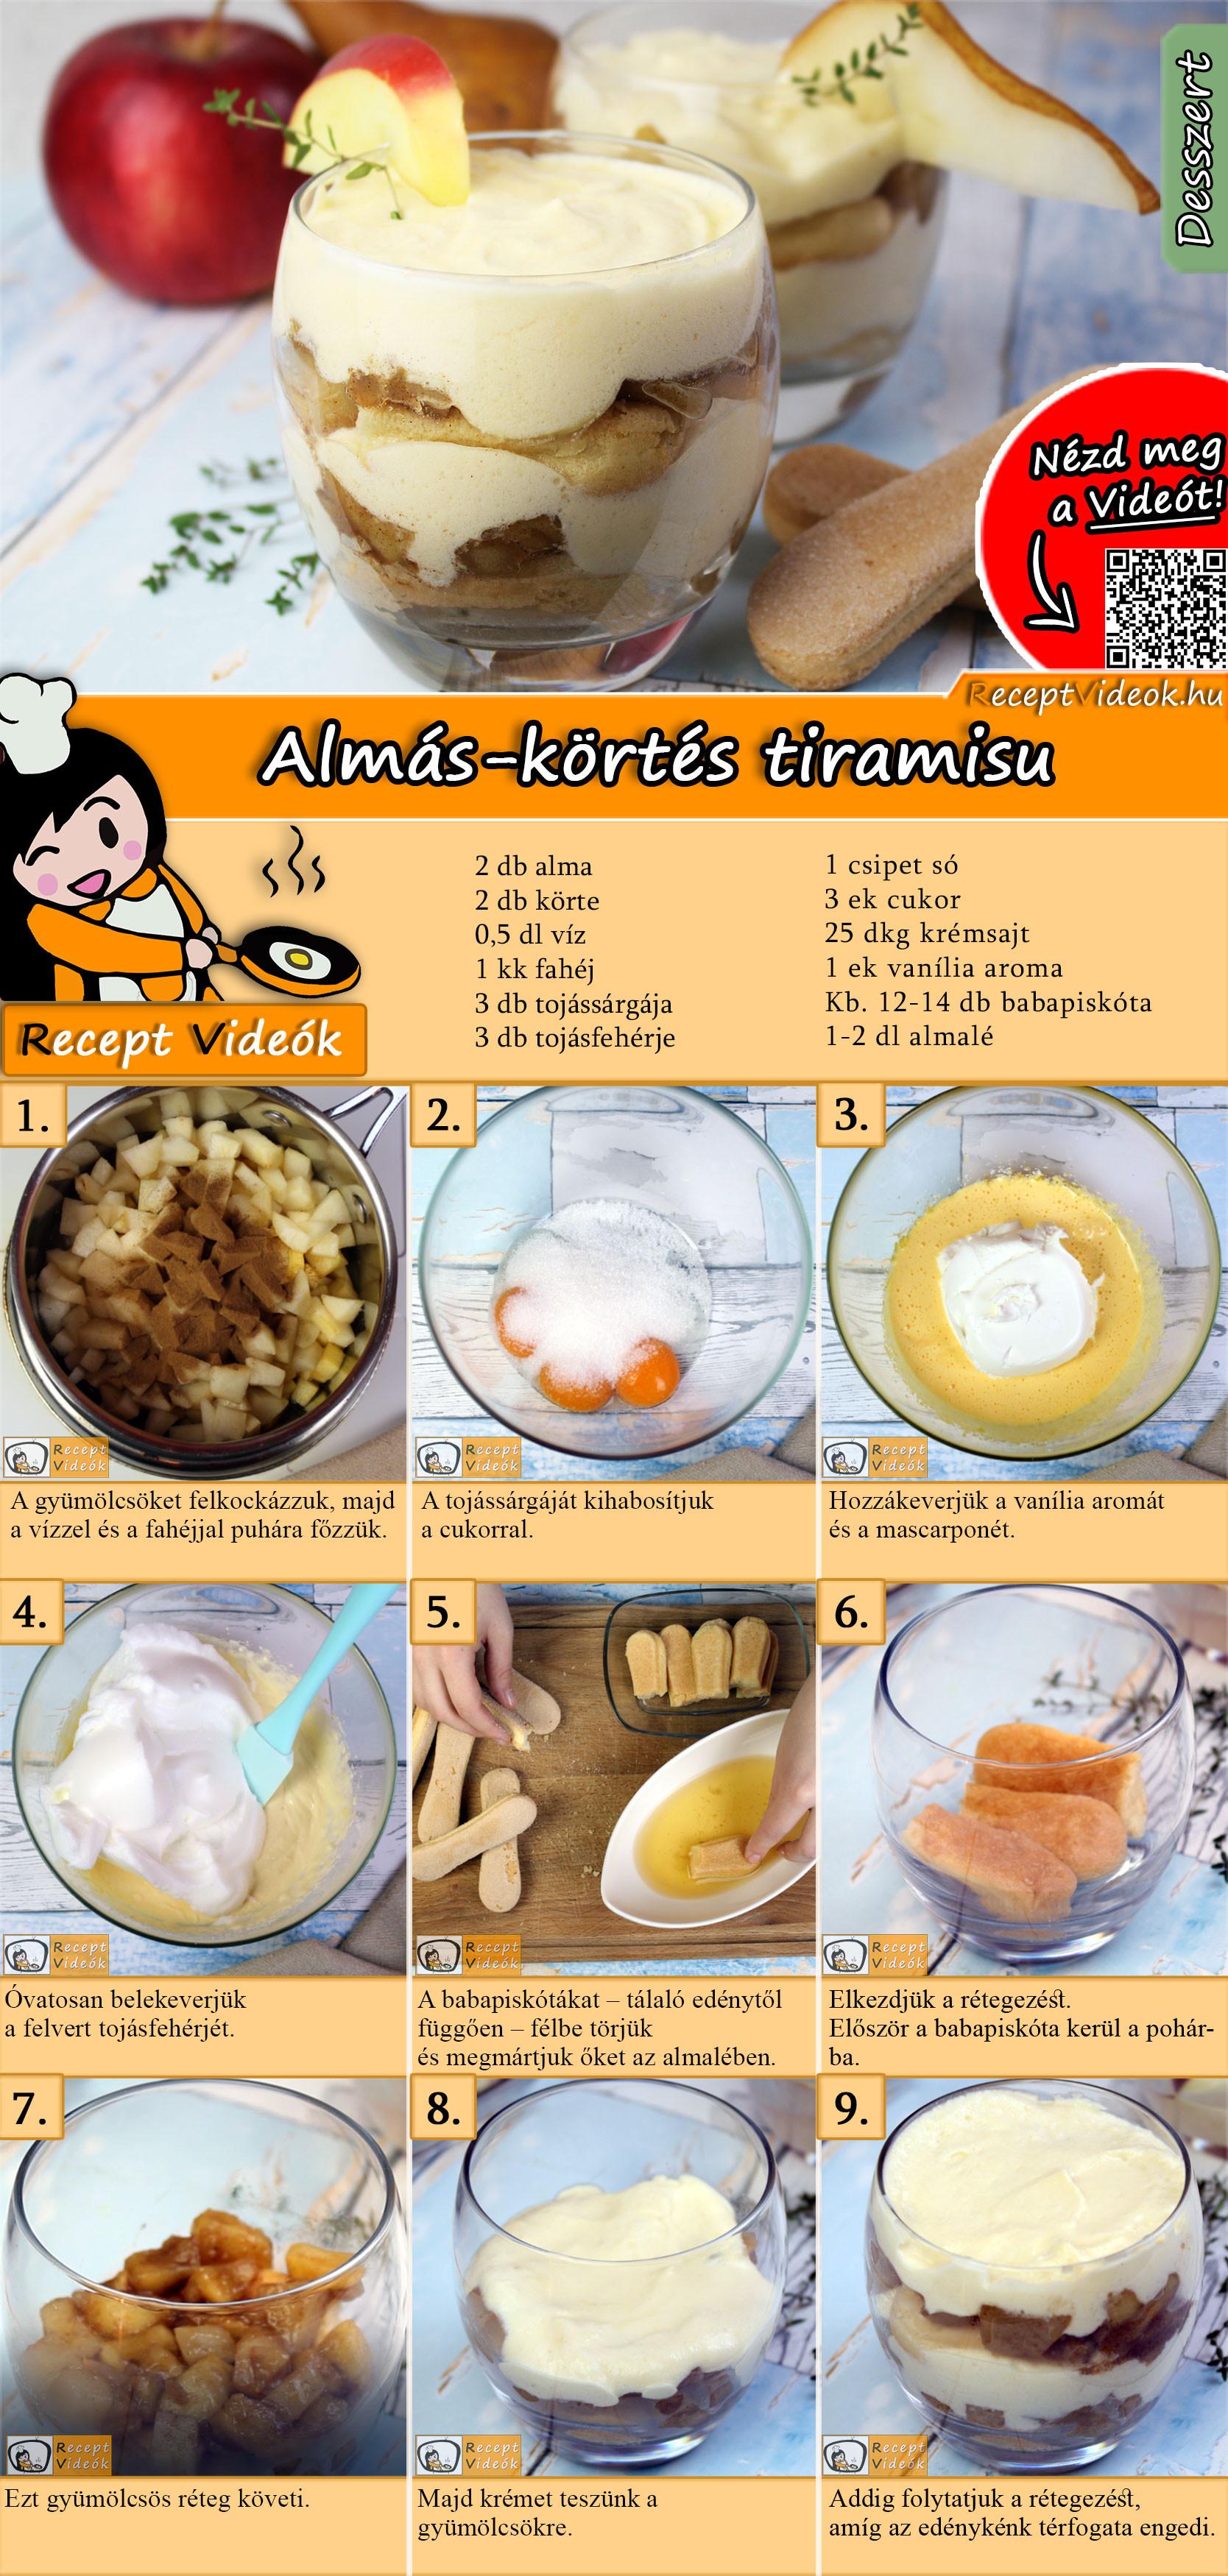 Almás-körtés tiramisu recept elkészítése videóval